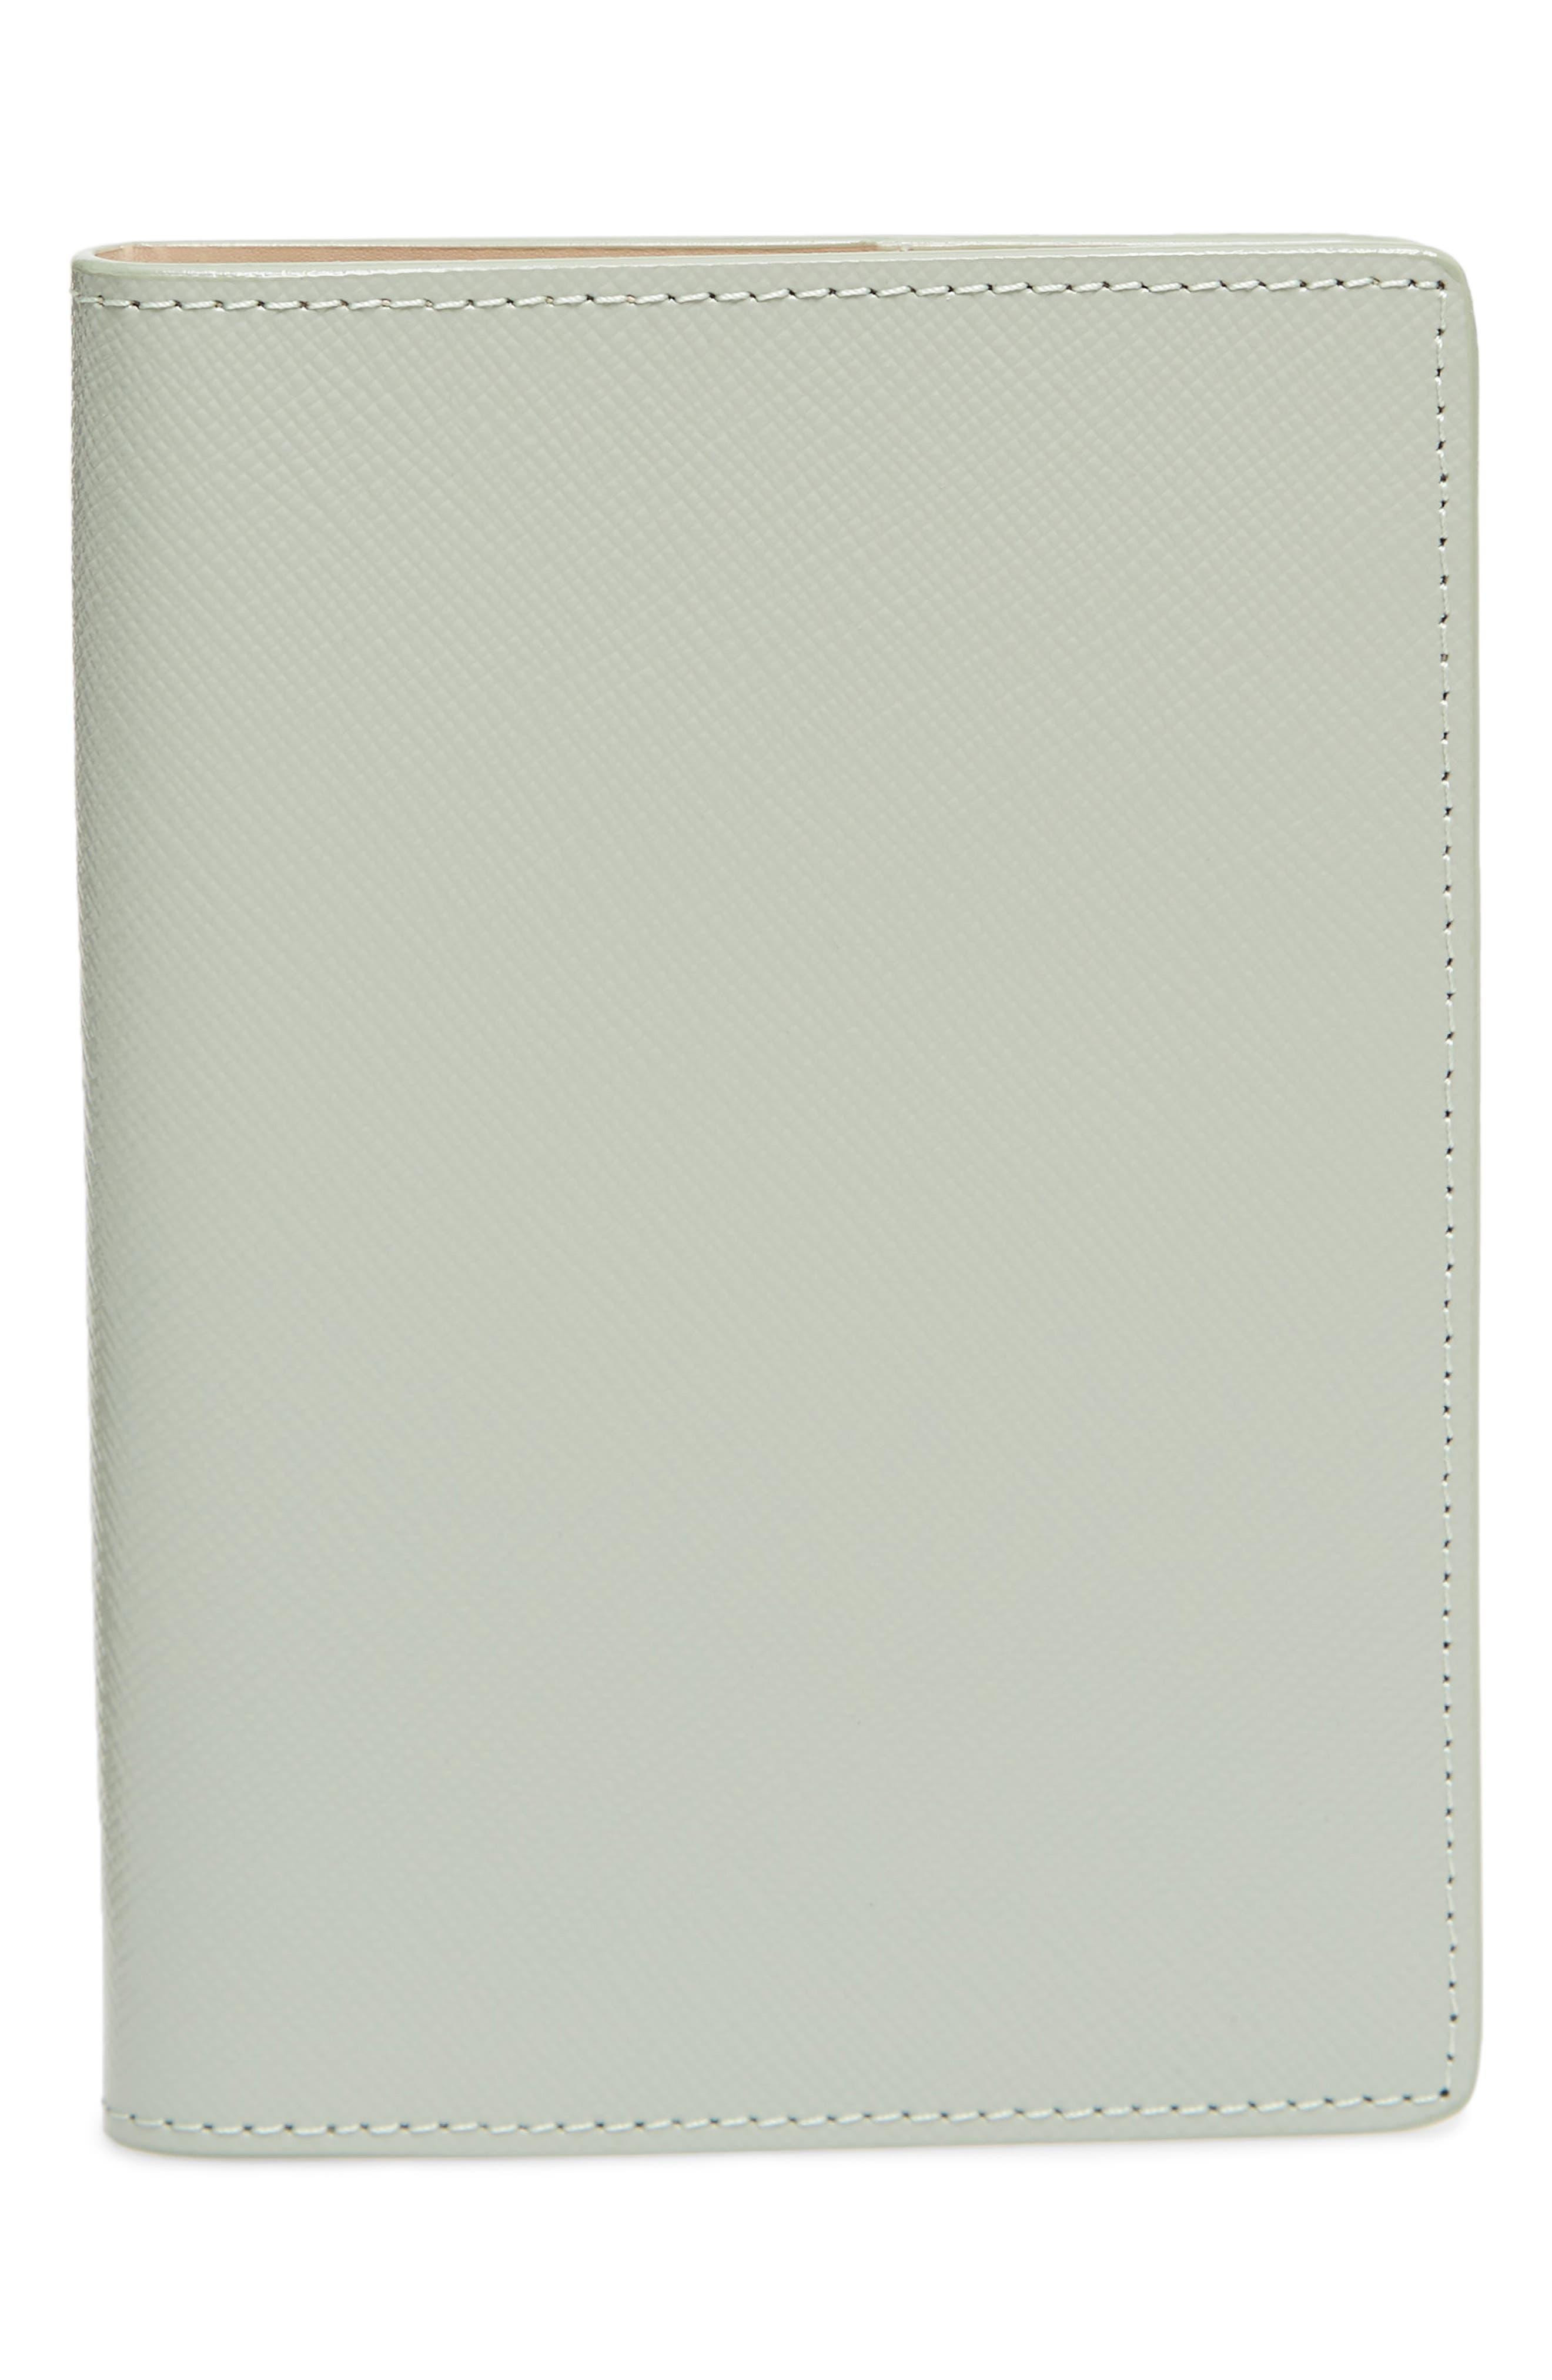 Leather Passport Case,                             Main thumbnail 4, color,